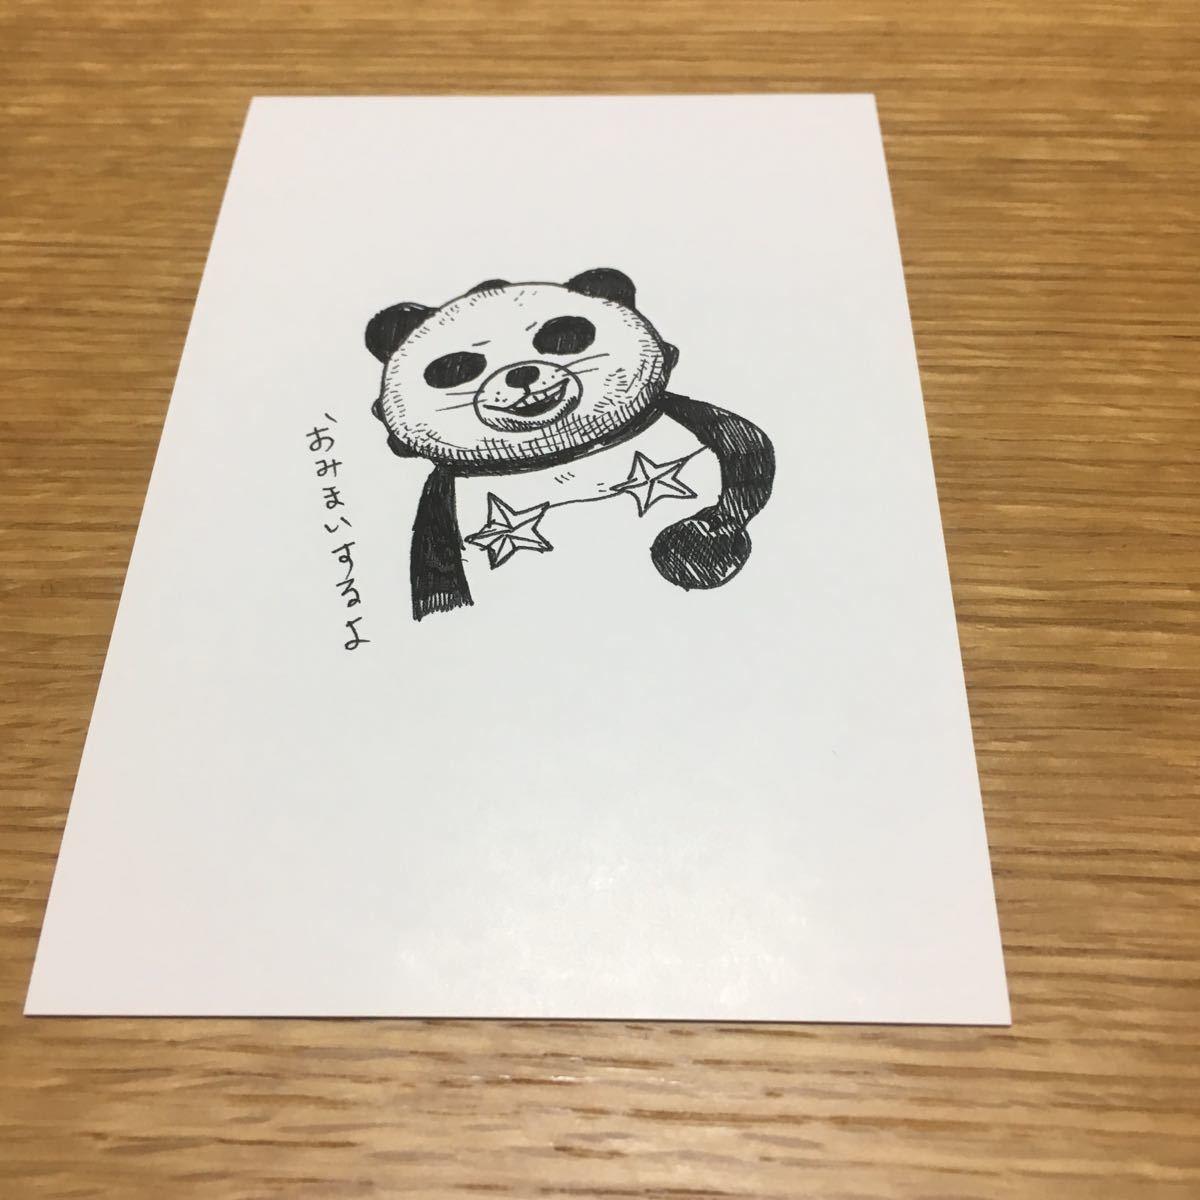 ヒグチユウコ ネコ ポストカード 葉書 ハガキ はがき メッセージカード 猫 ねこ 動物 おみまいするよ パンダ 89_画像1